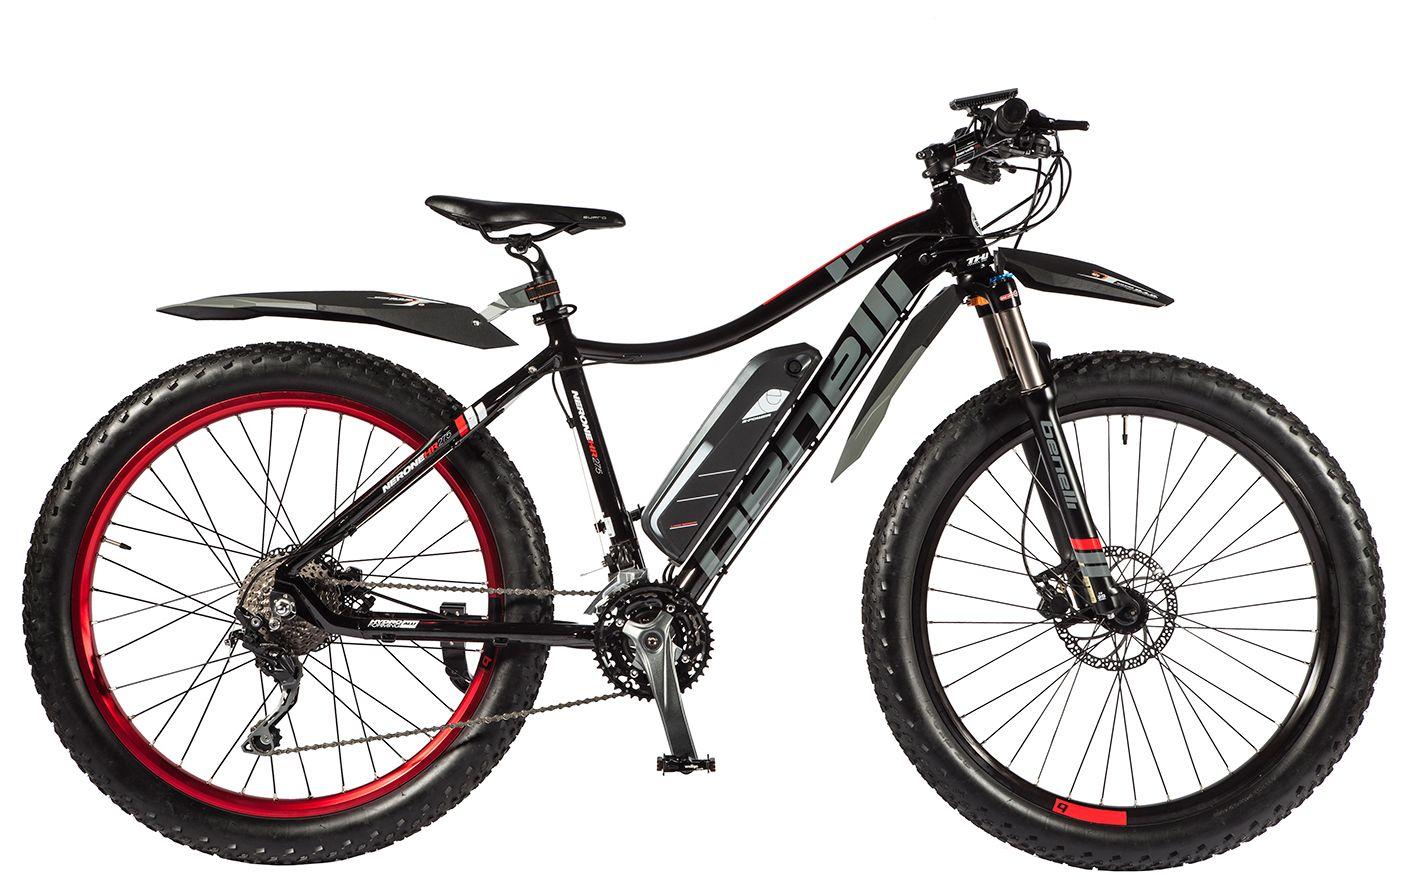 Велосипед Eltreco Benelli FAT Nerone 2016 электровелосипед eltreco volteco generic s2 eco